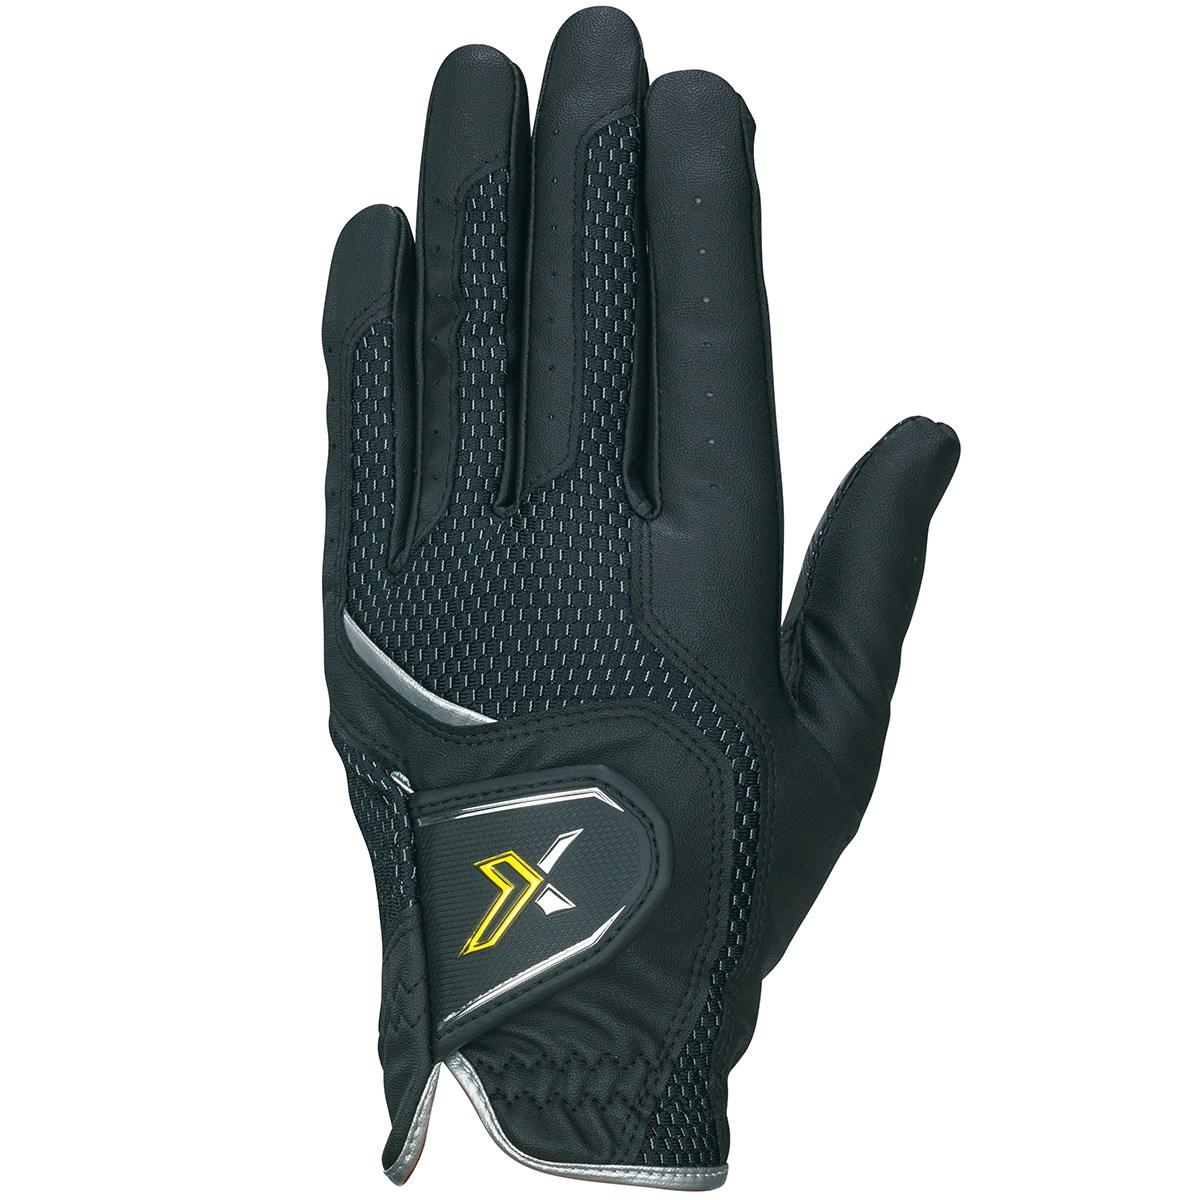 ダンロップ XXIO ゴルフグローブ 24cm 左手着用(右利き用) ブラック